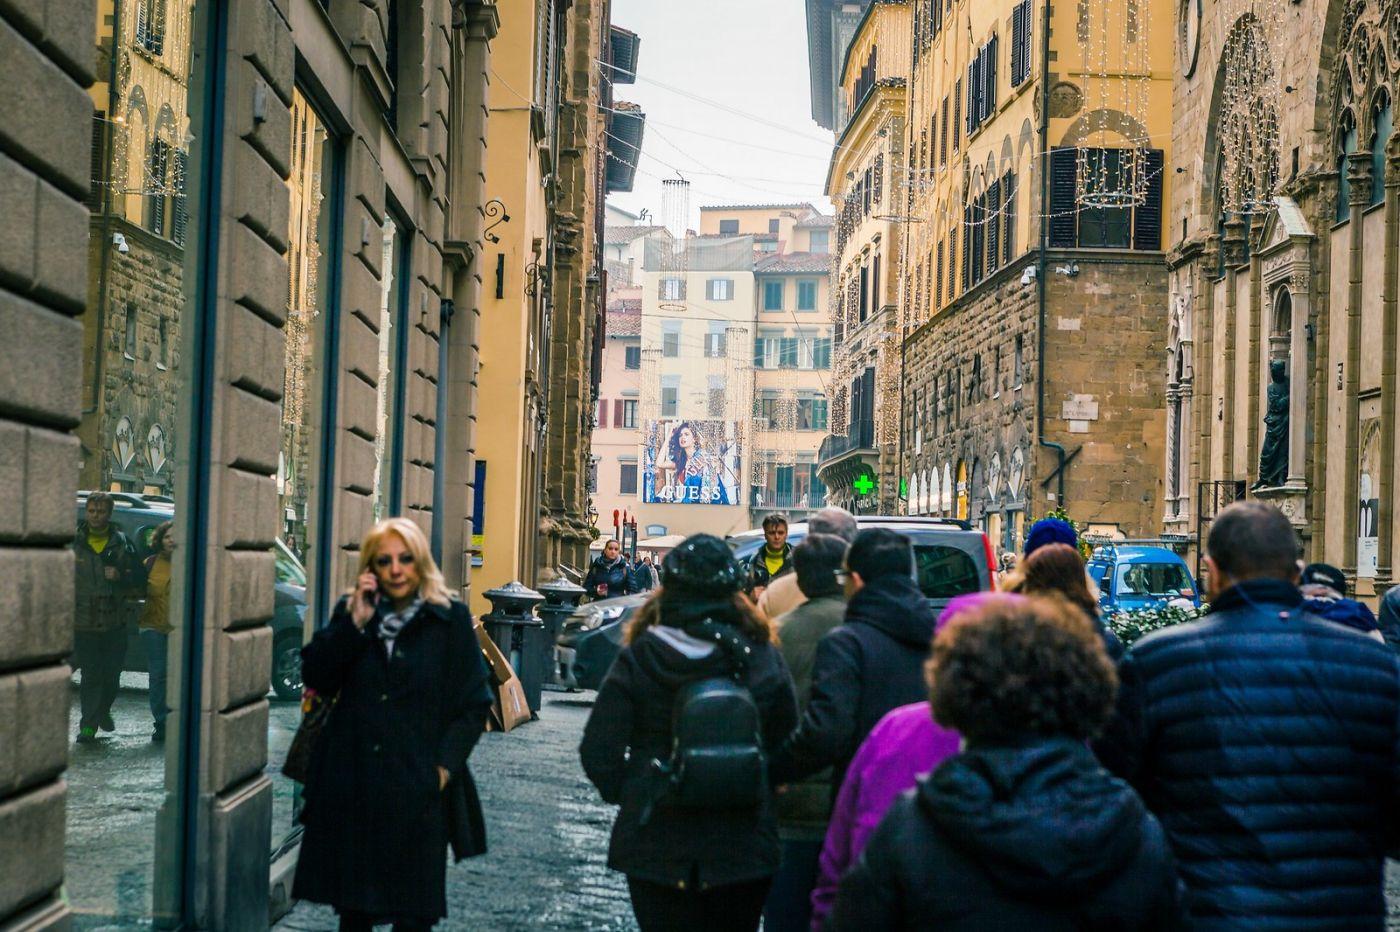 意大利佛罗伦萨(Florence),小街文化_图1-17